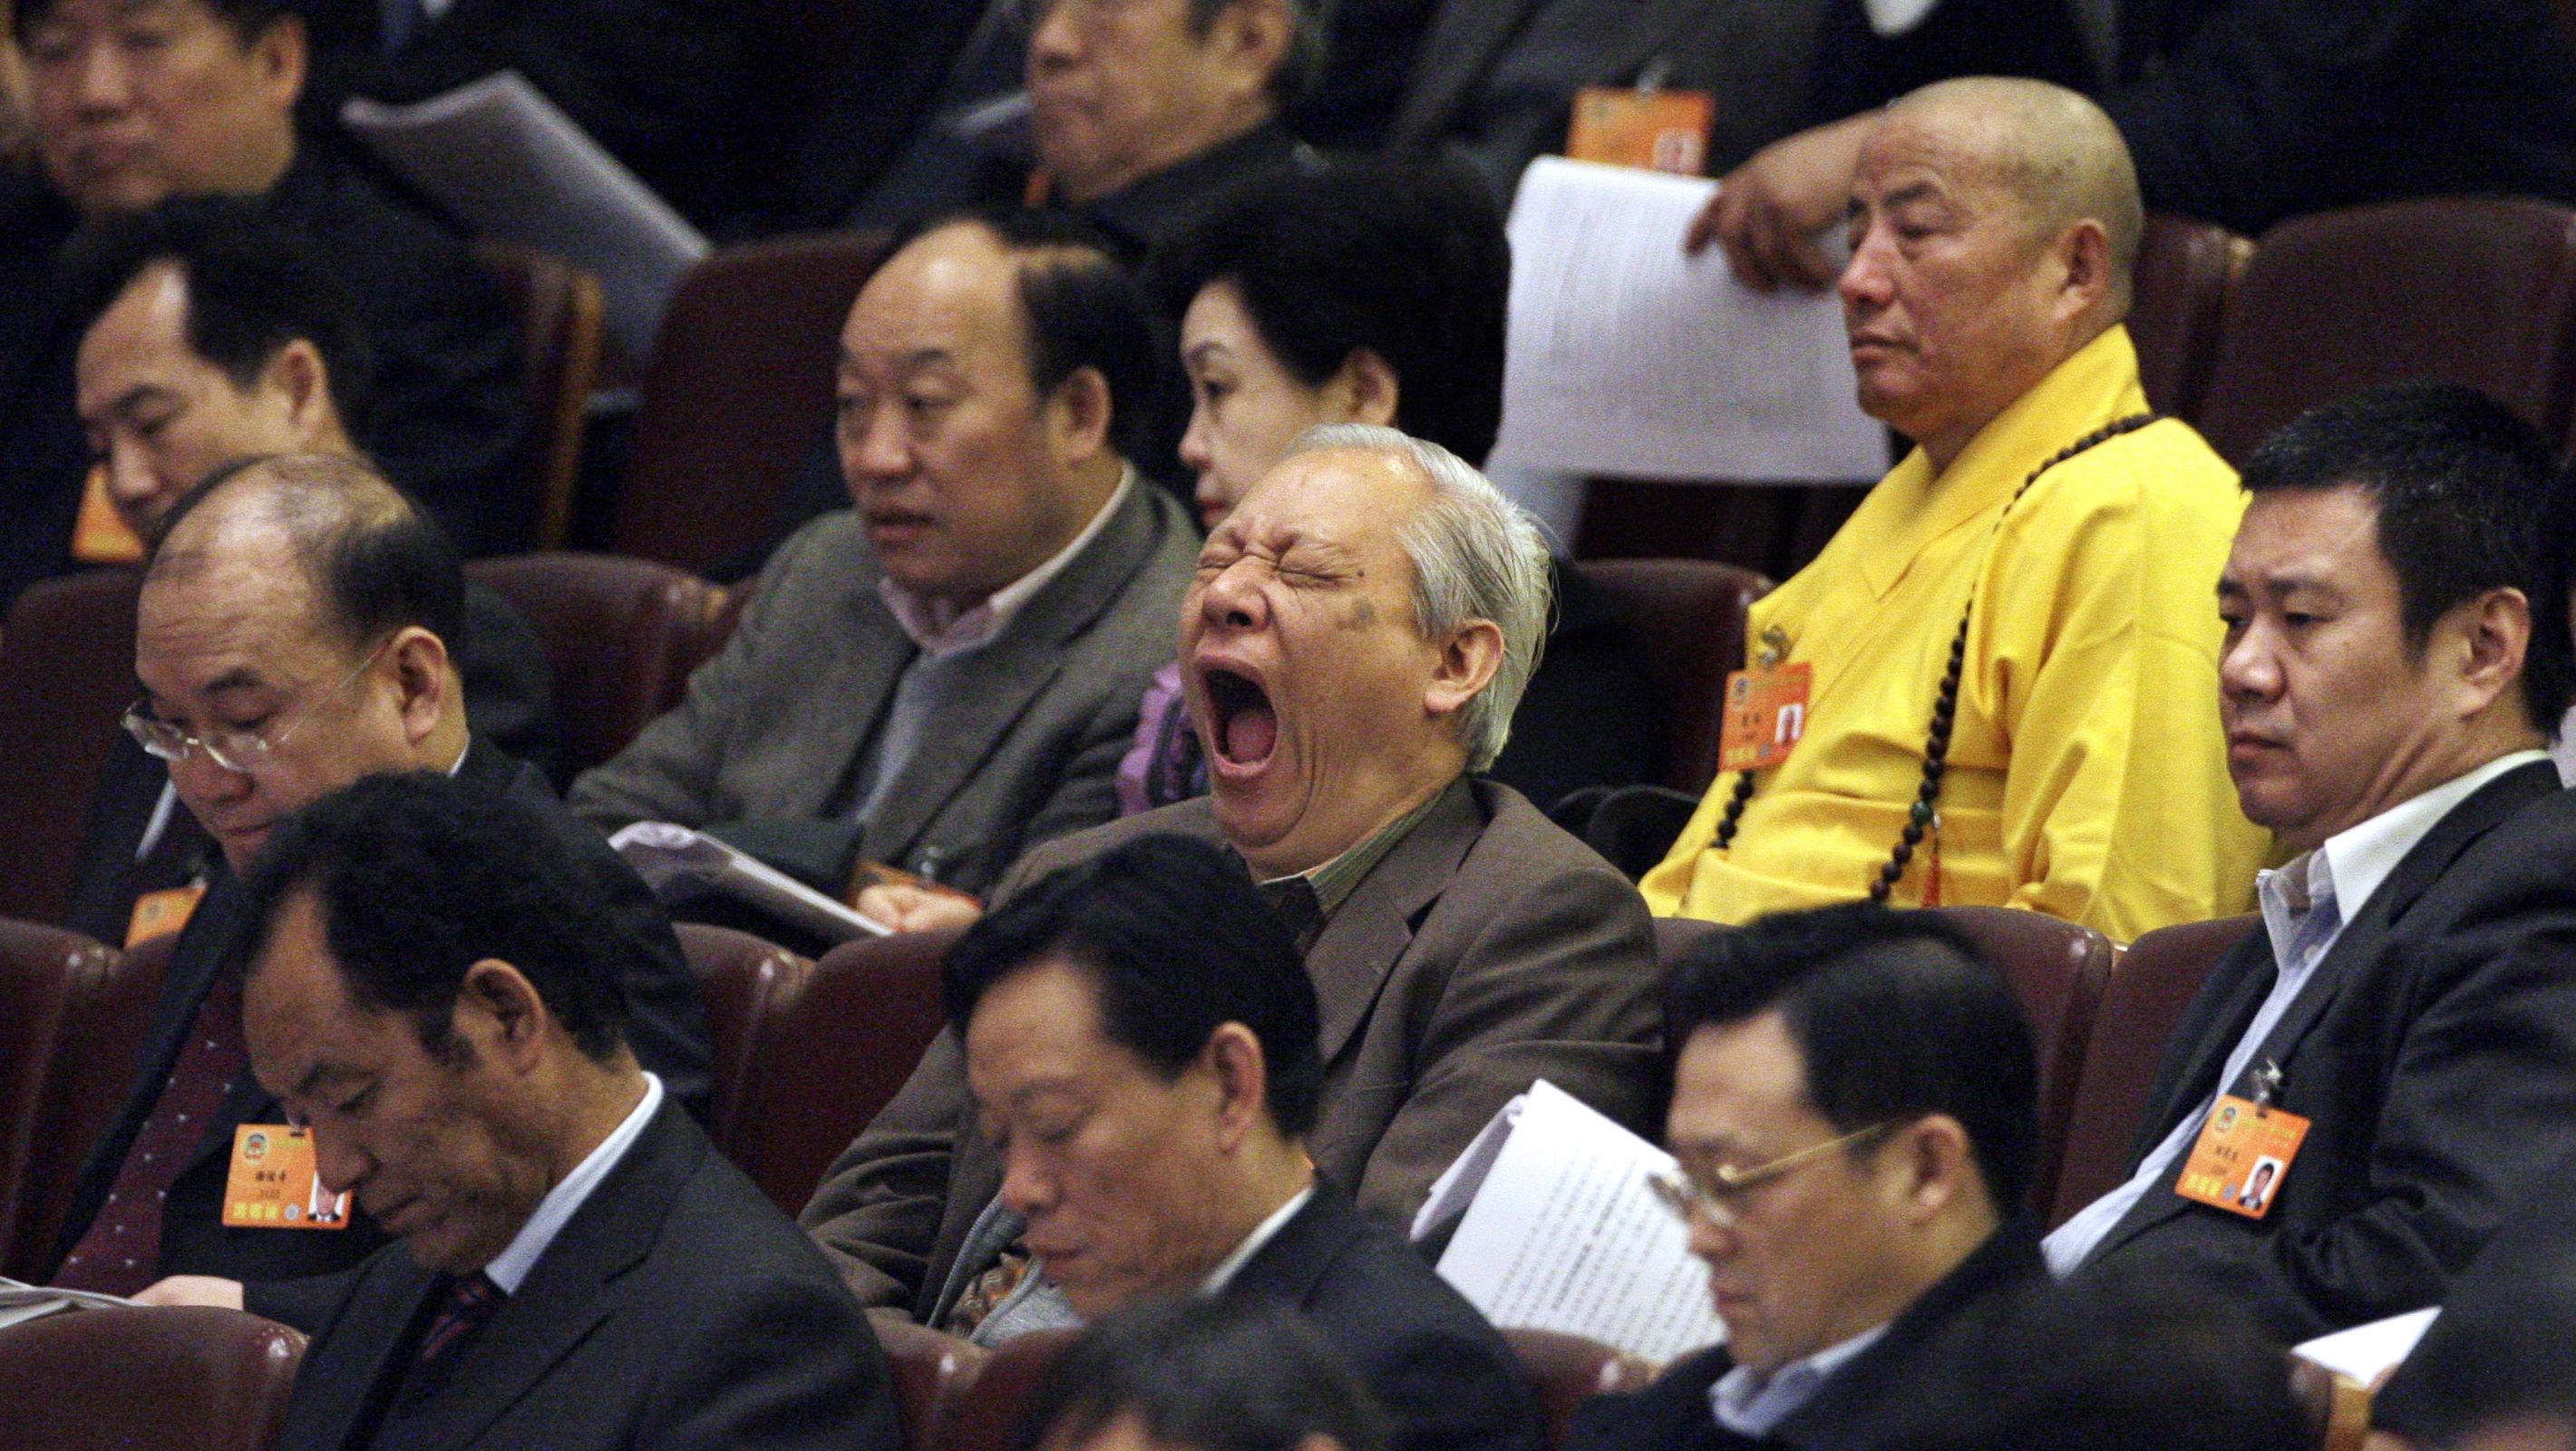 yawning conference goer